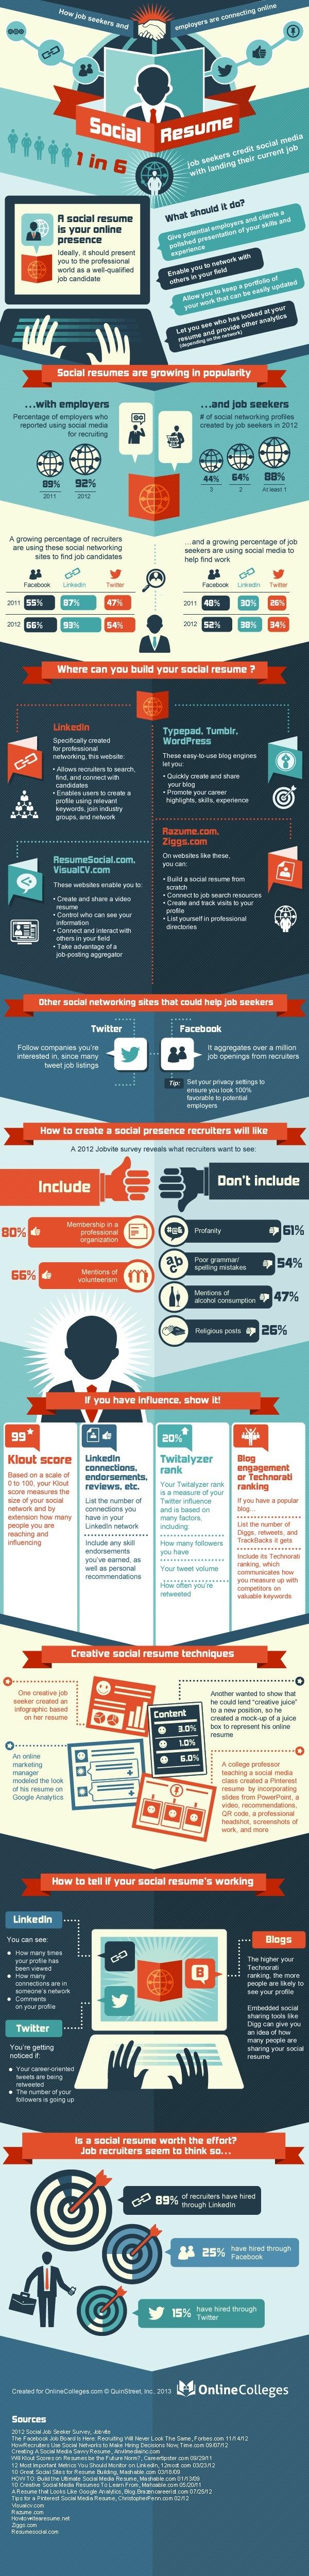 Infographie: comment trouver un emploi grâce aux réseaux sociaux